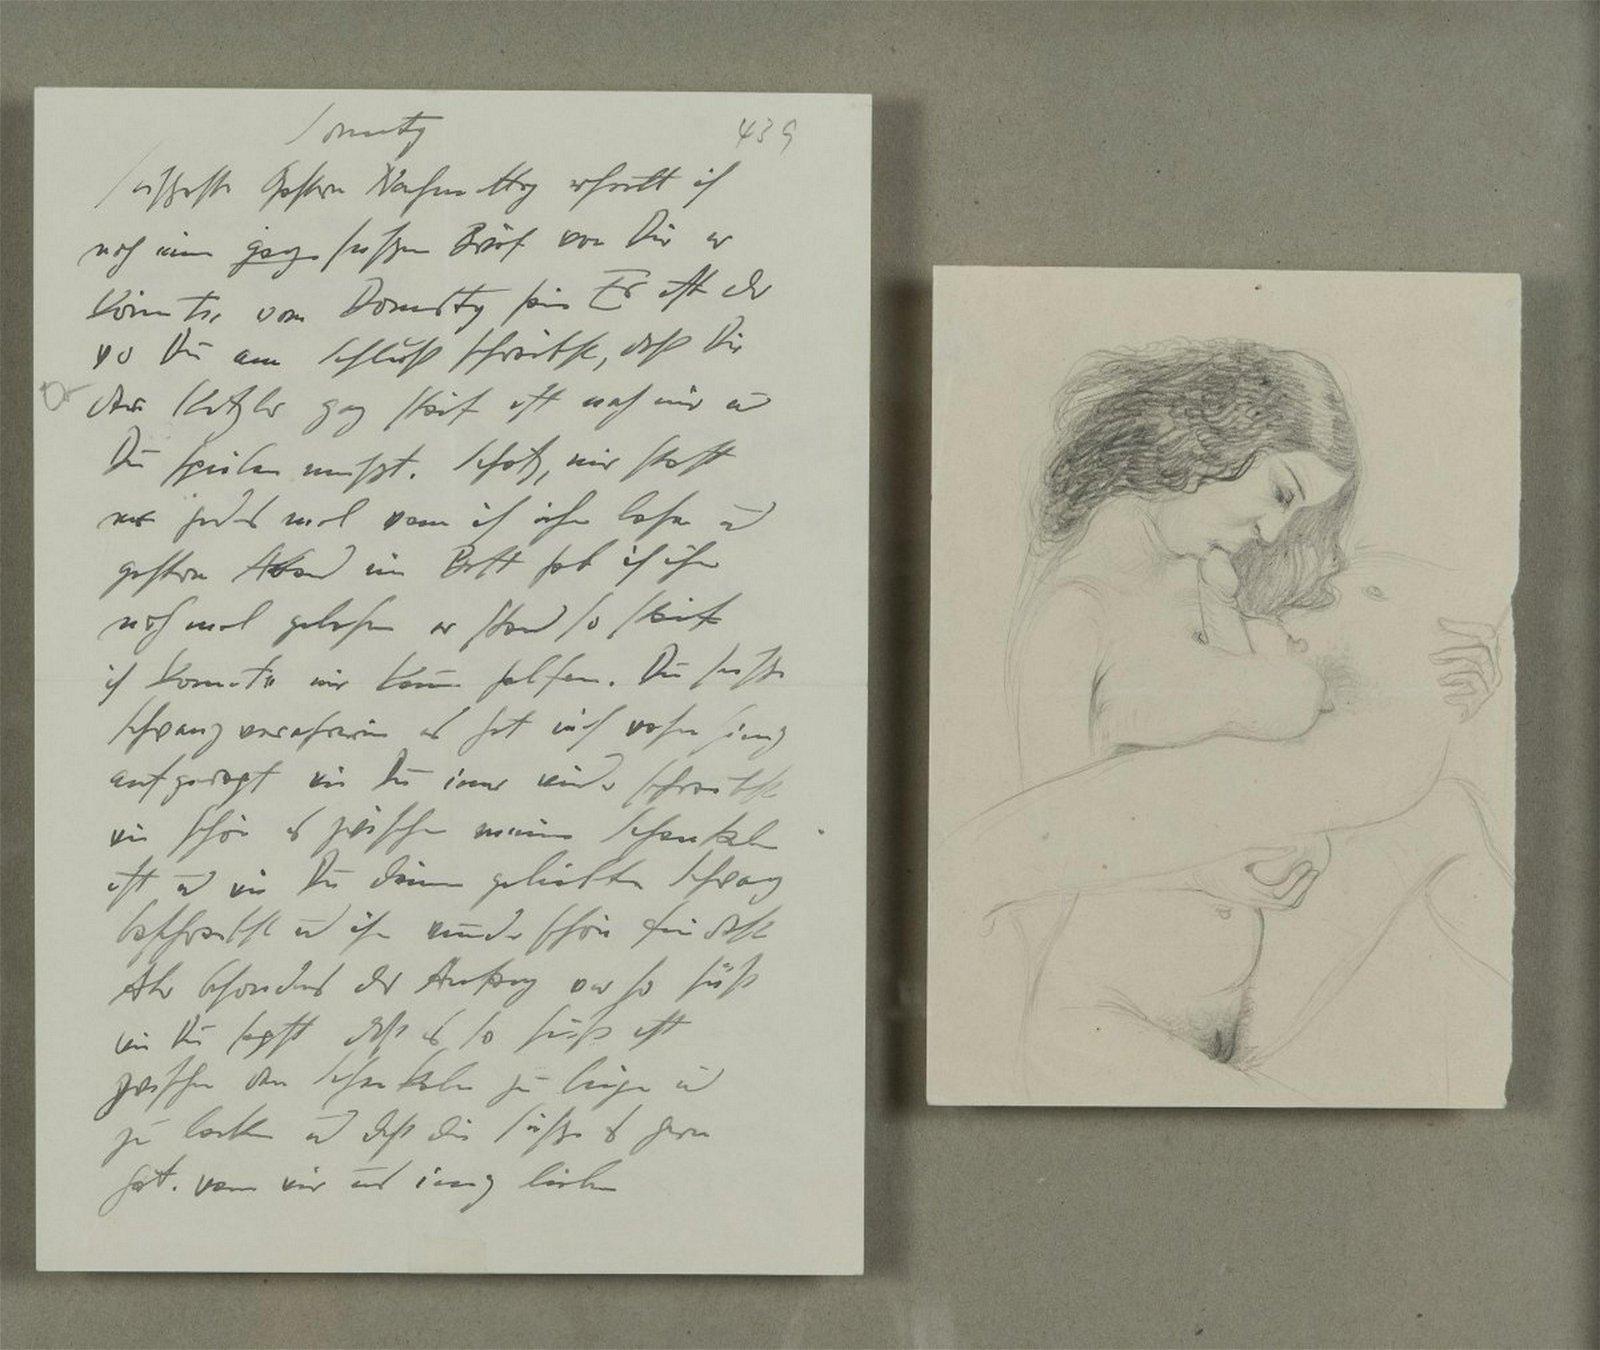 Otto Dix, erotic love letter